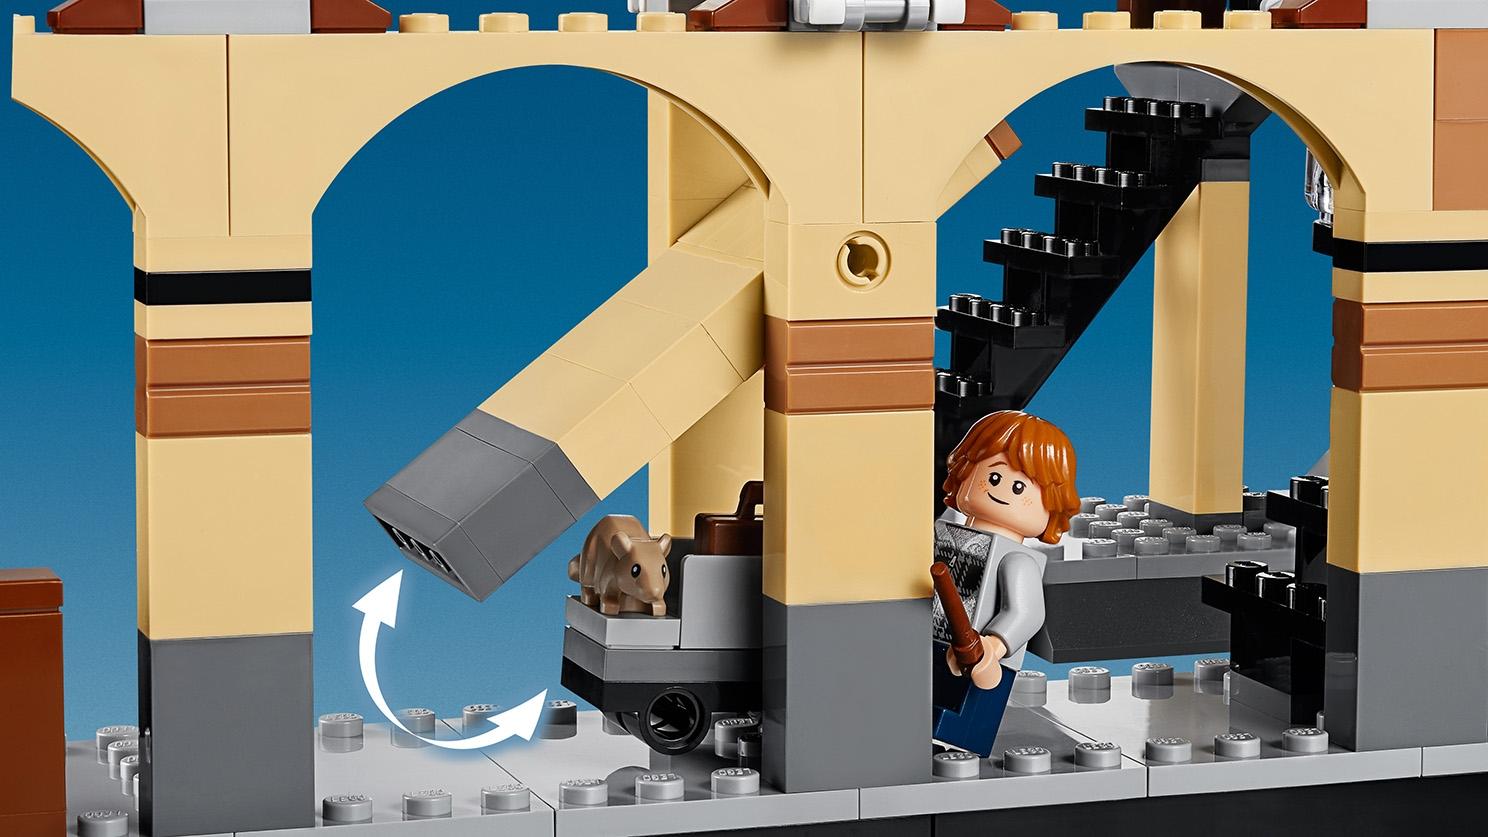 Hogwarts Express 75955 Lego Harry Potter Und Phantastische Tierwesen Sets Lego Com Fur Kinder